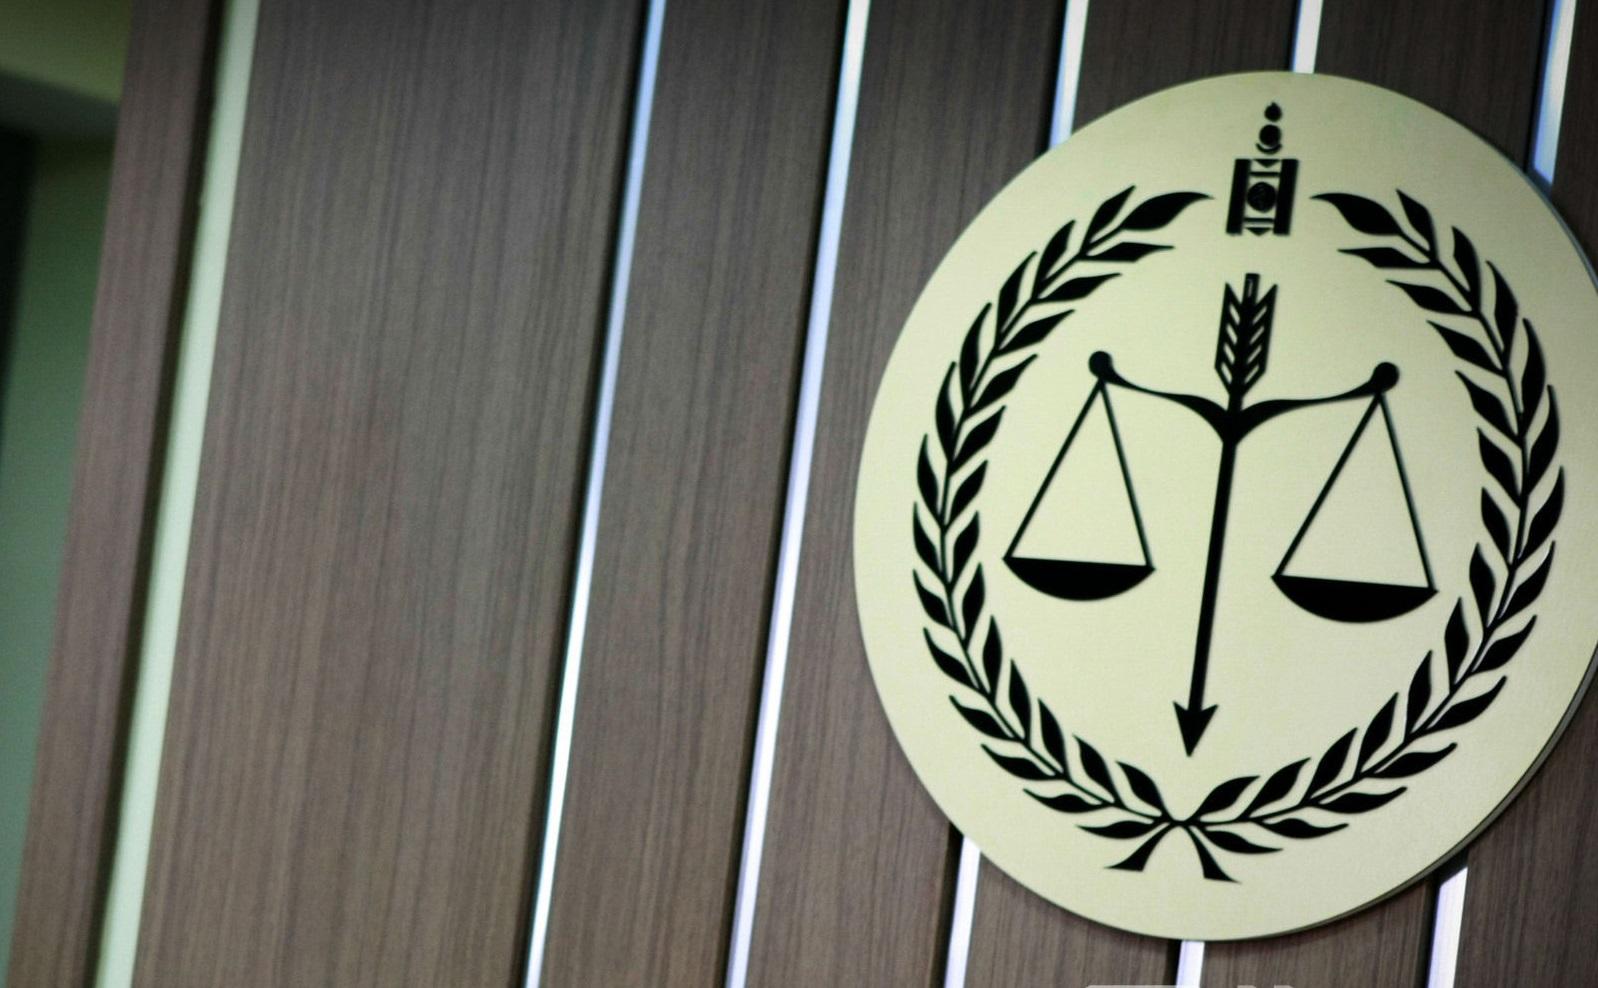 Н.Номтойбаярт холбогдох хэргийн шүүх хуралдааныг хойшлууллаа